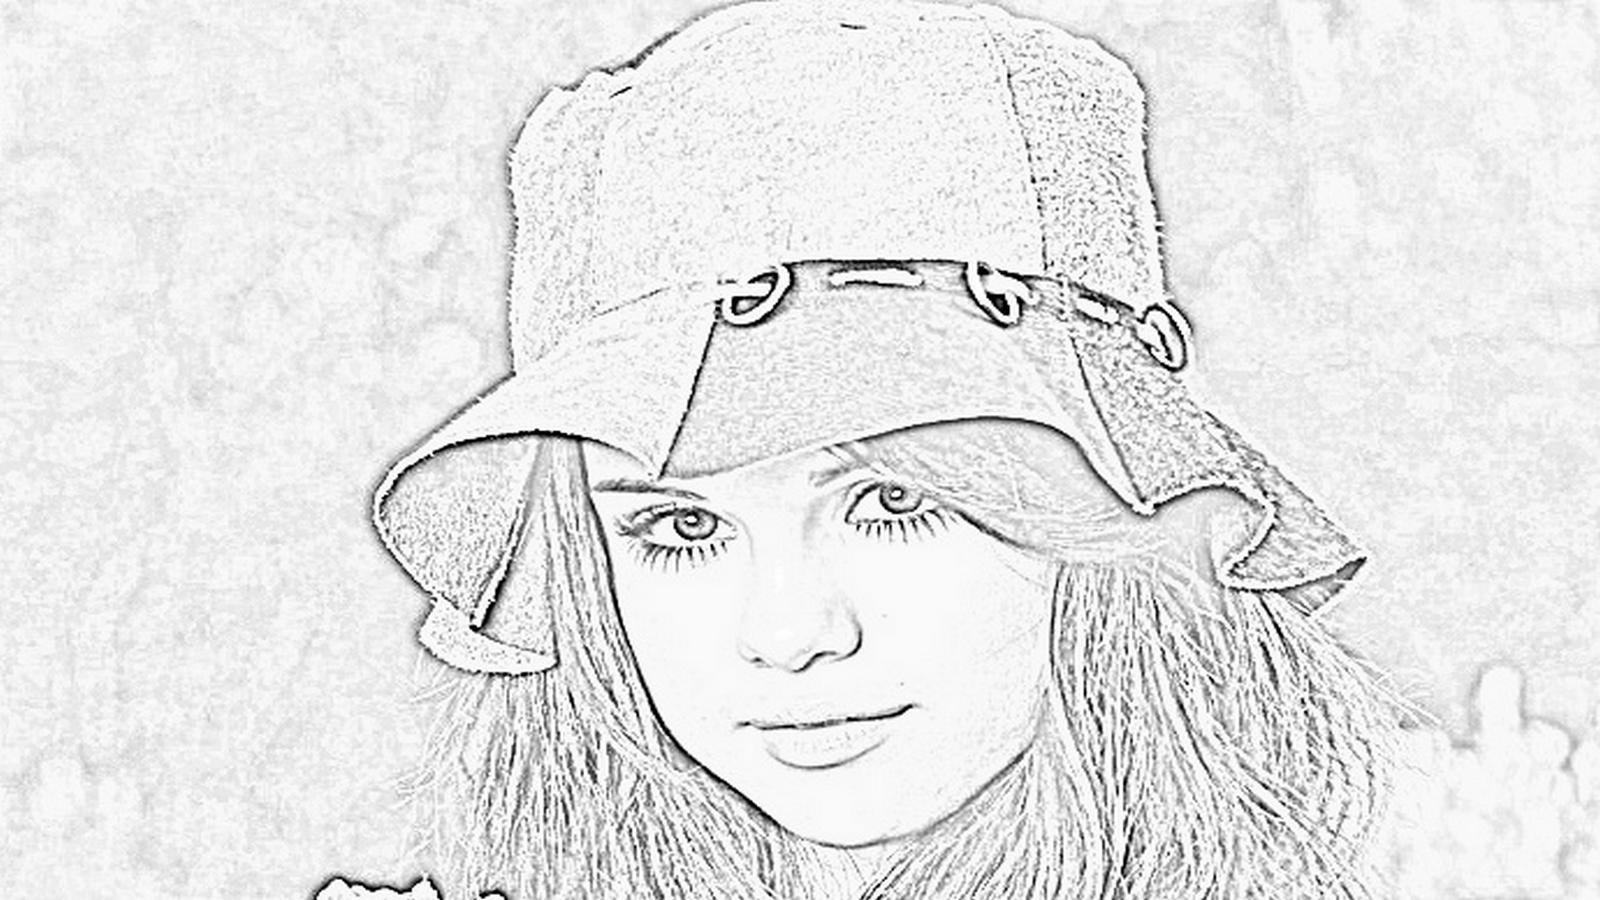 sketch wallpaper hd 1080p - photo #5